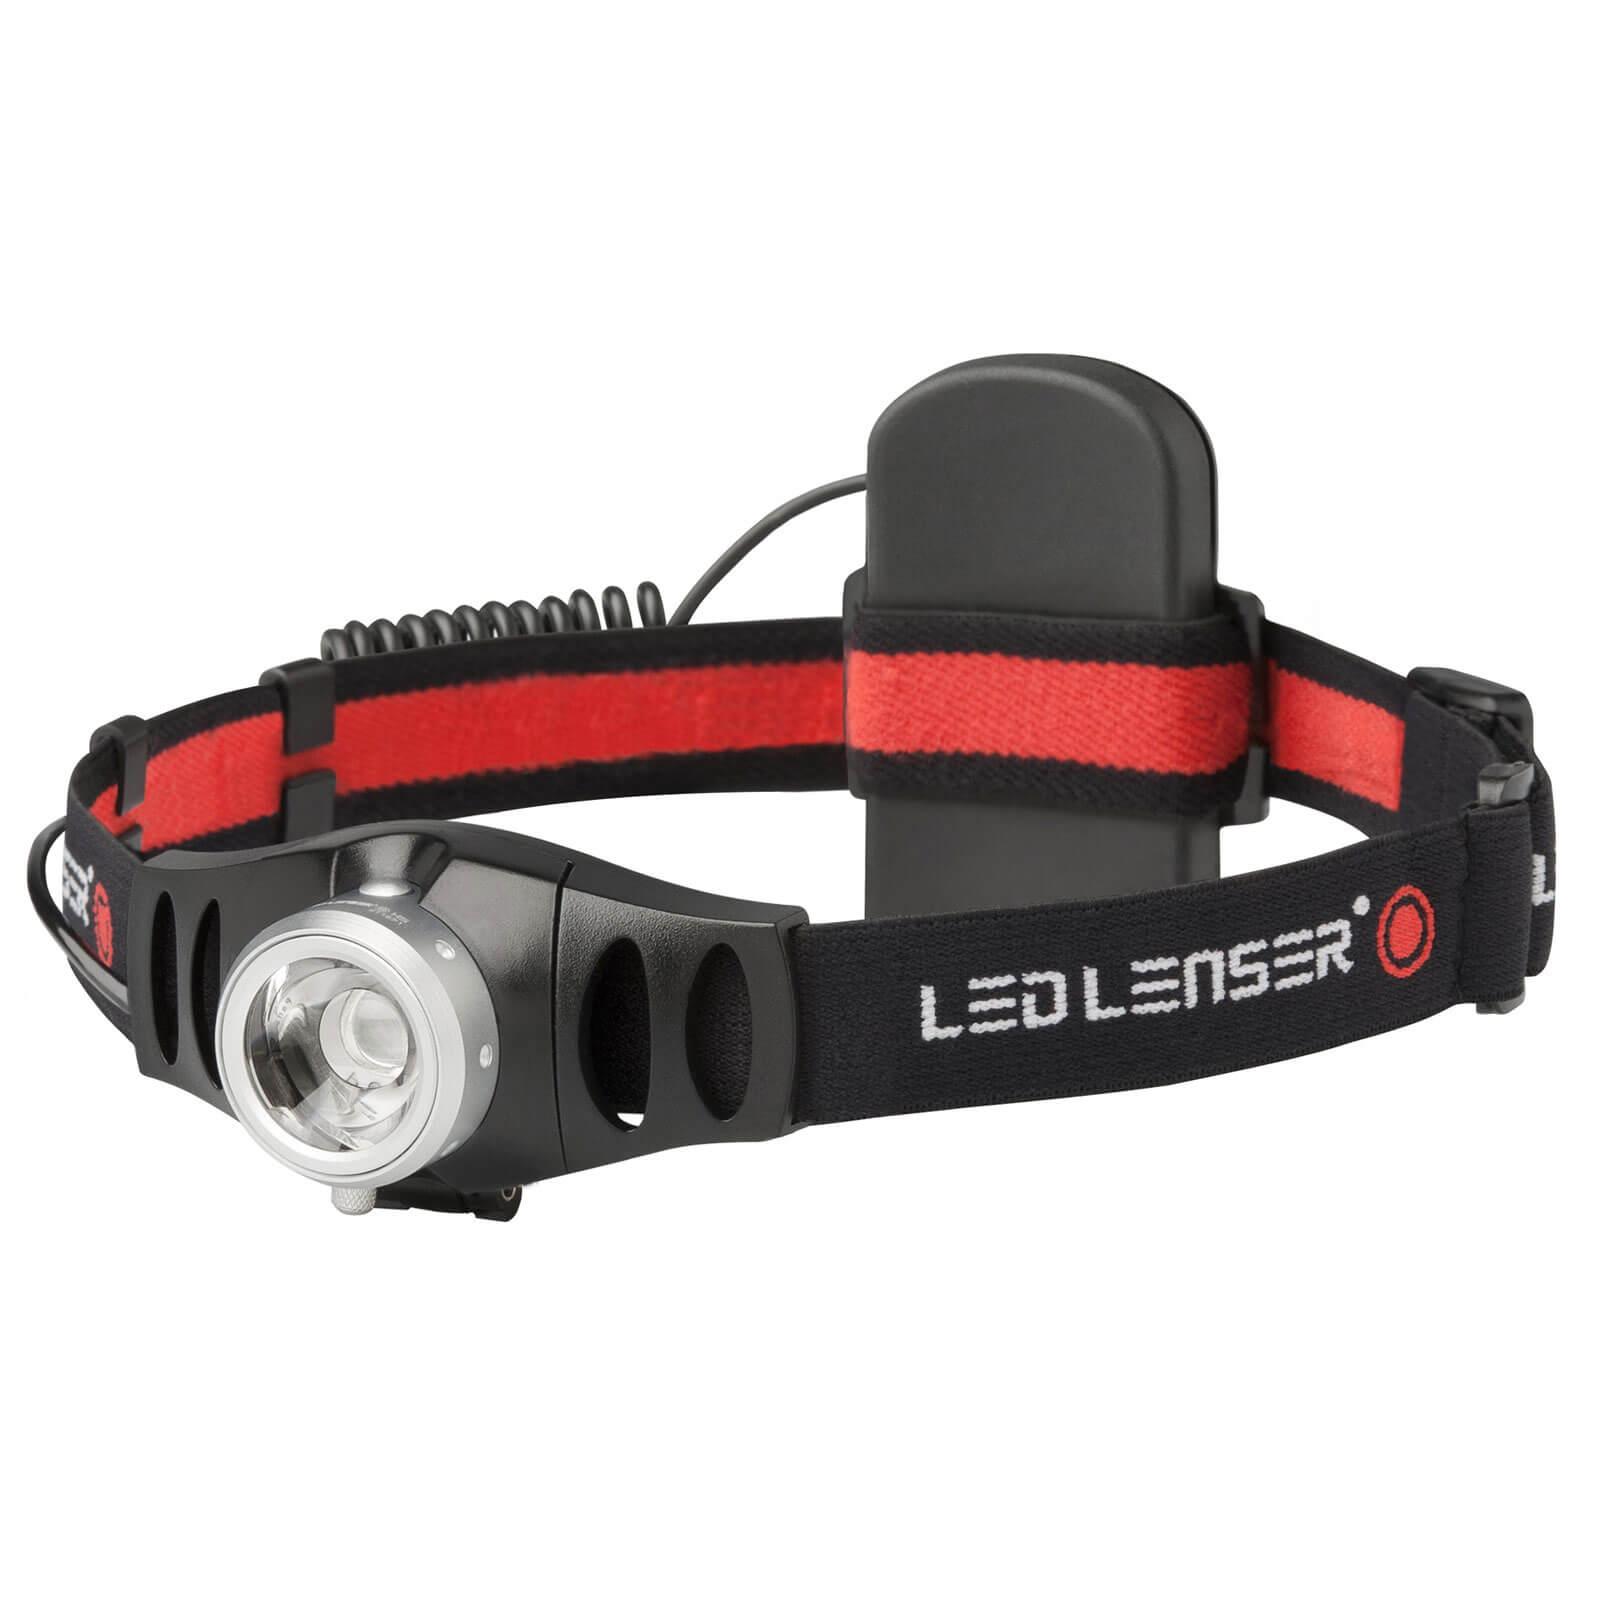 LED Lenser H5 LED Head Torch Black